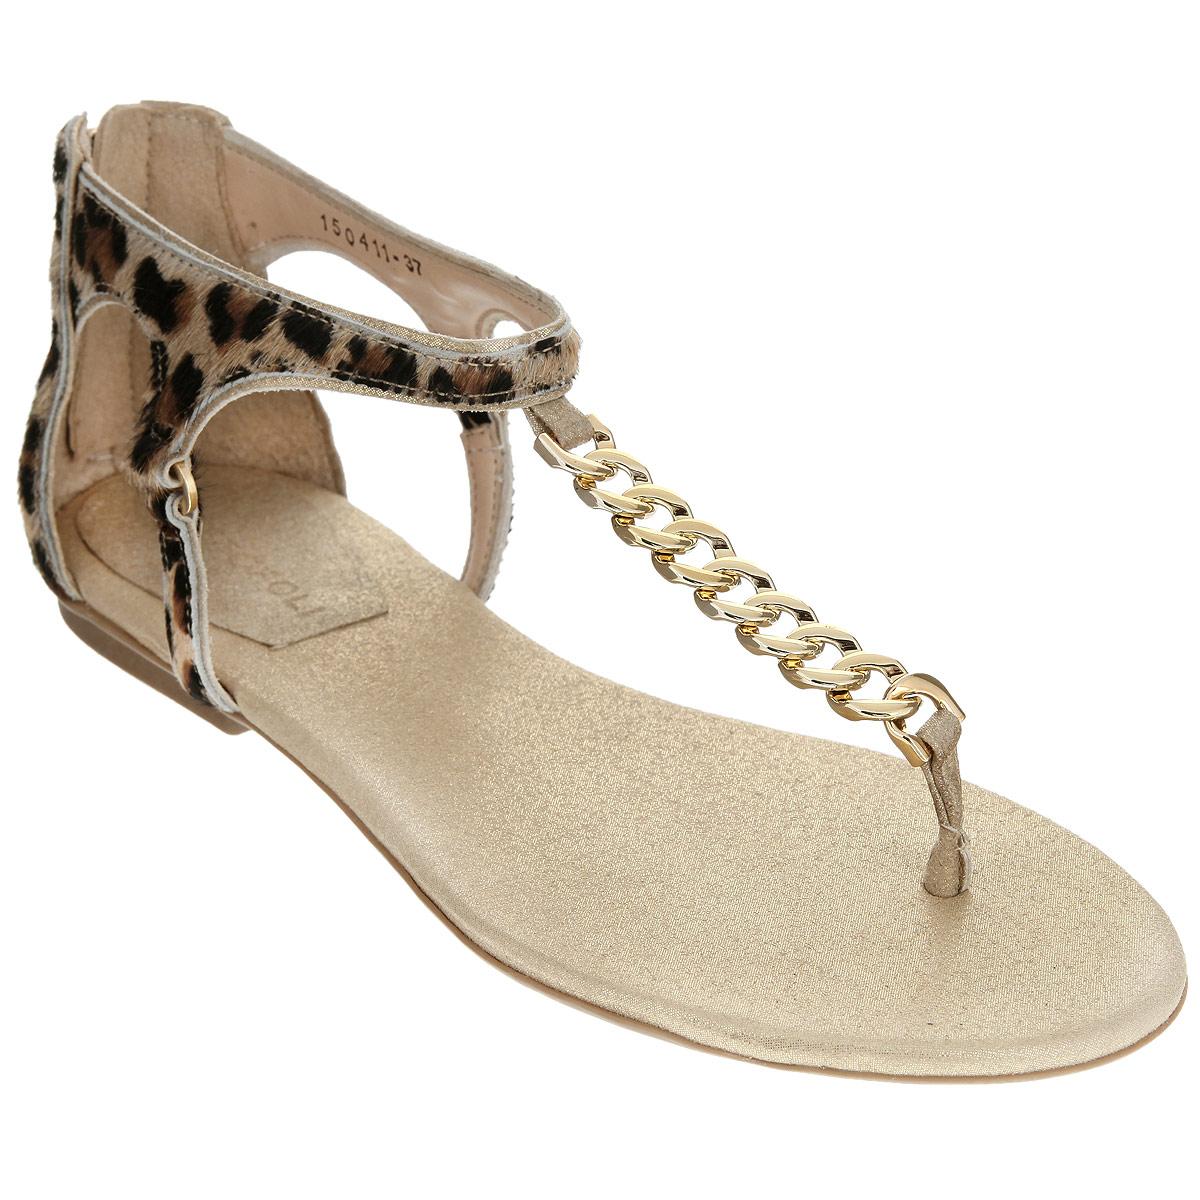 Сандалии женские. 150411150411Эффектные женские сандалии от Cristofoli не оставят равнодушной настоящую модницу. Модель изготовлена из натуральной кожи и ворса, стилизованного под леопарда. Сандалии дополнены полужестким кожаным задником с застежкой-молнией. Фиксирующие ремешки надежно закрепят модель на ноге. Перемычку между пальцев и верхний ремешок соединяет декоративная цепь, выполненная из пластика. Мягкая стелька из натуральной кожи обеспечивает комфорт при ходьбе. Низкий каблук и подошва дополнены противоскользящим рифлением. Стильные сандалии помогут вам создать яркий запоминающийся образ.